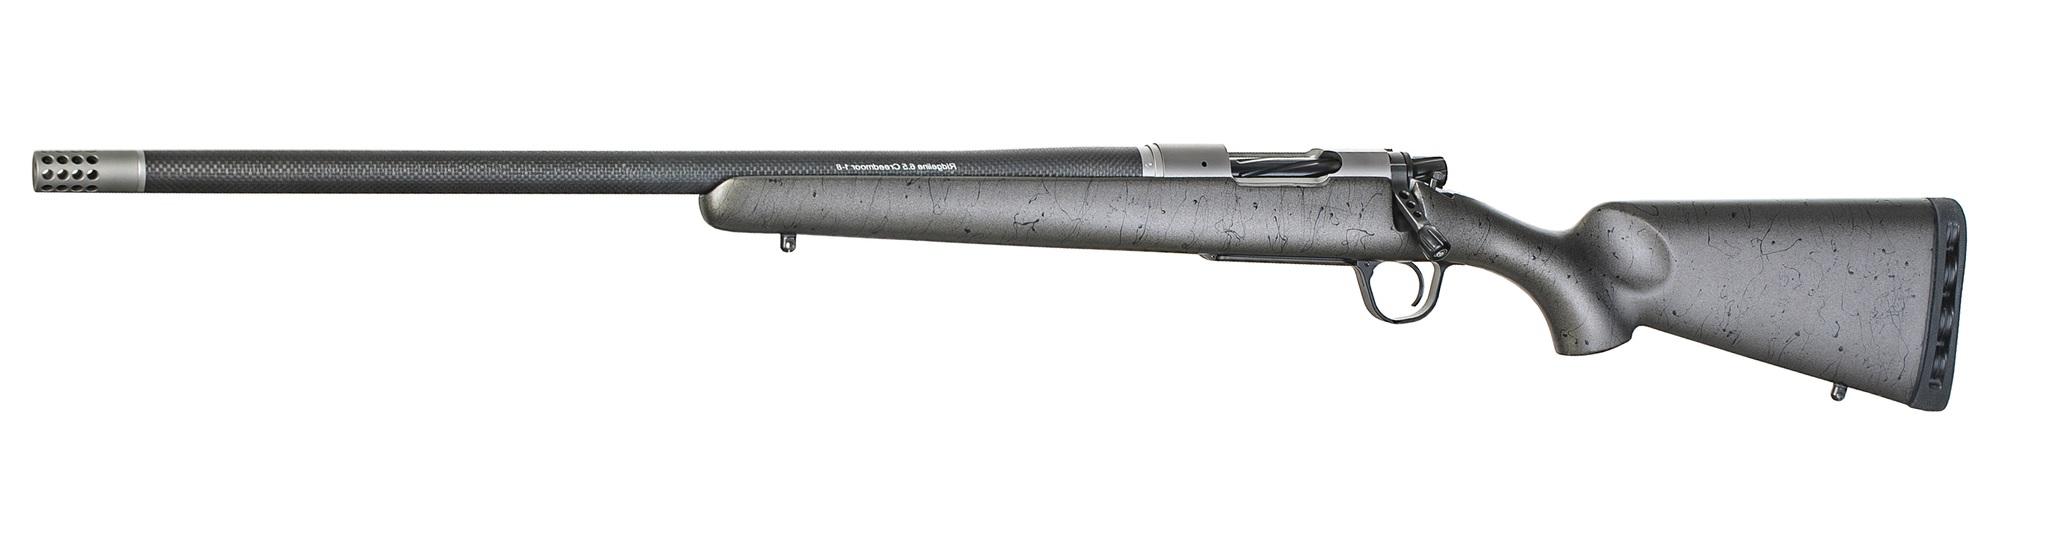 Christensen Arms RIDGELINE TITANIUM 6.5 CREEDMOOR